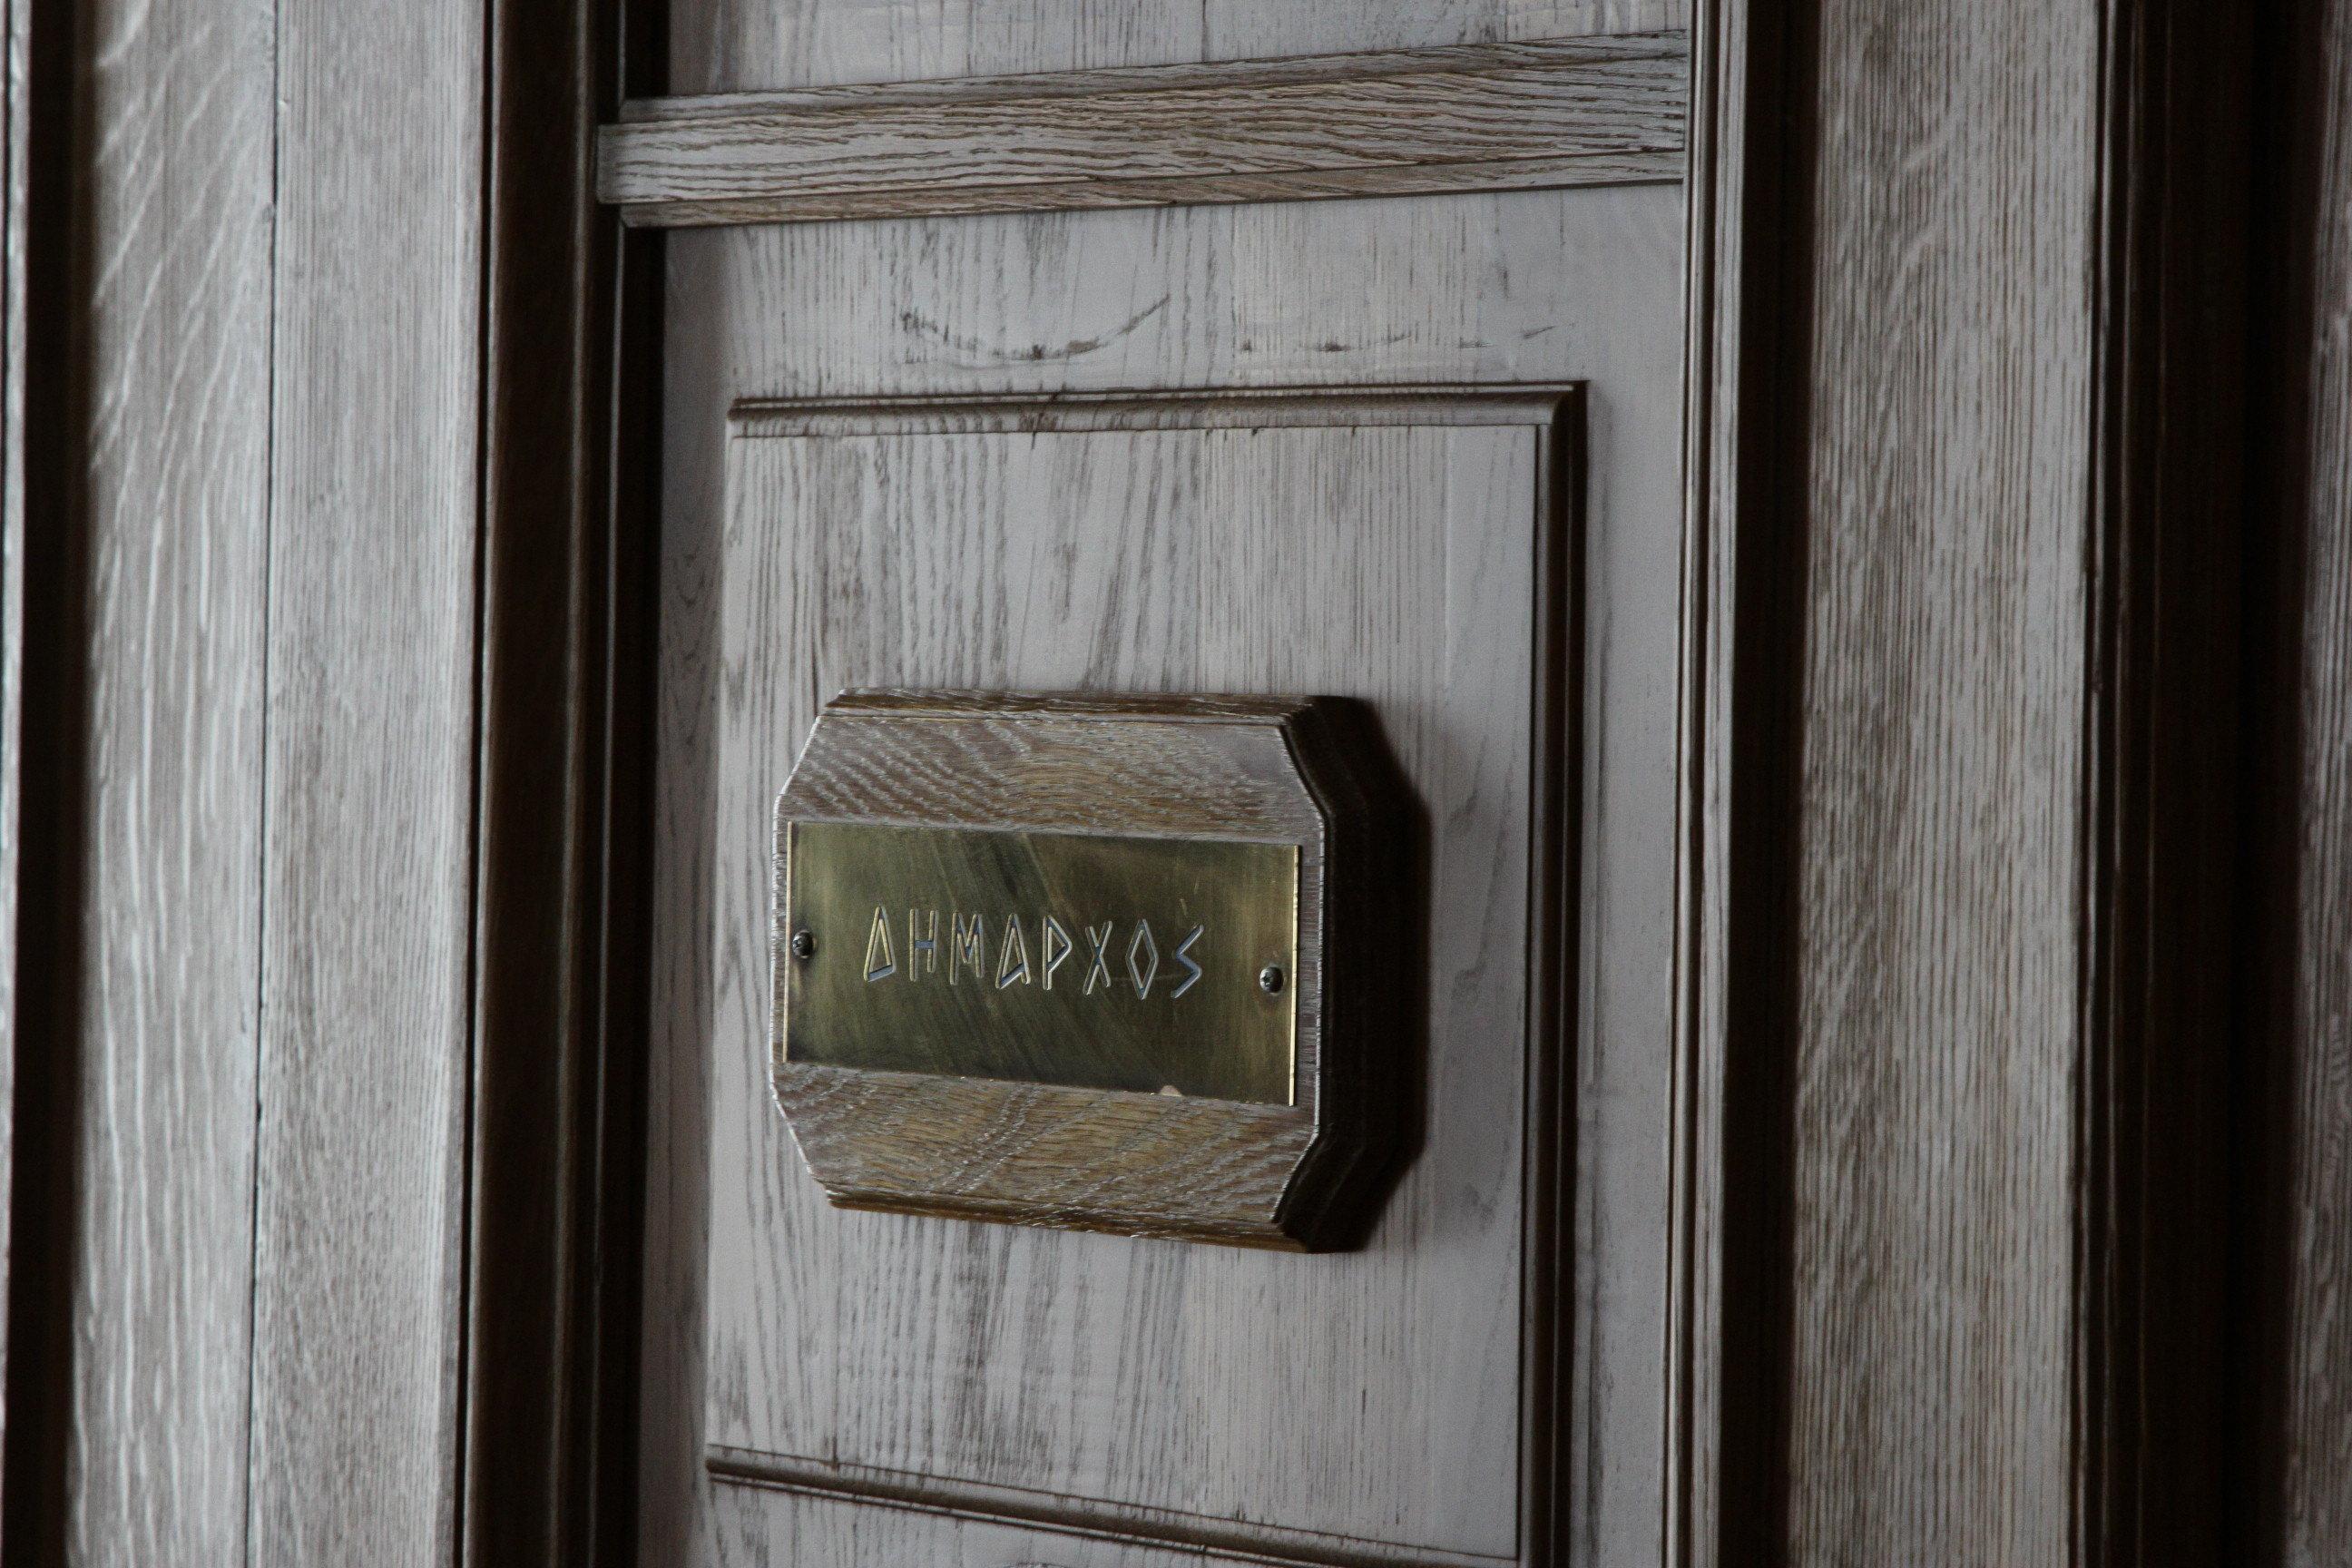 Κατατέθηκε στη Βουλή ο «Κλεισθένης Ι». Απλή αναλογική στις δημοτικές και περιφερειακές